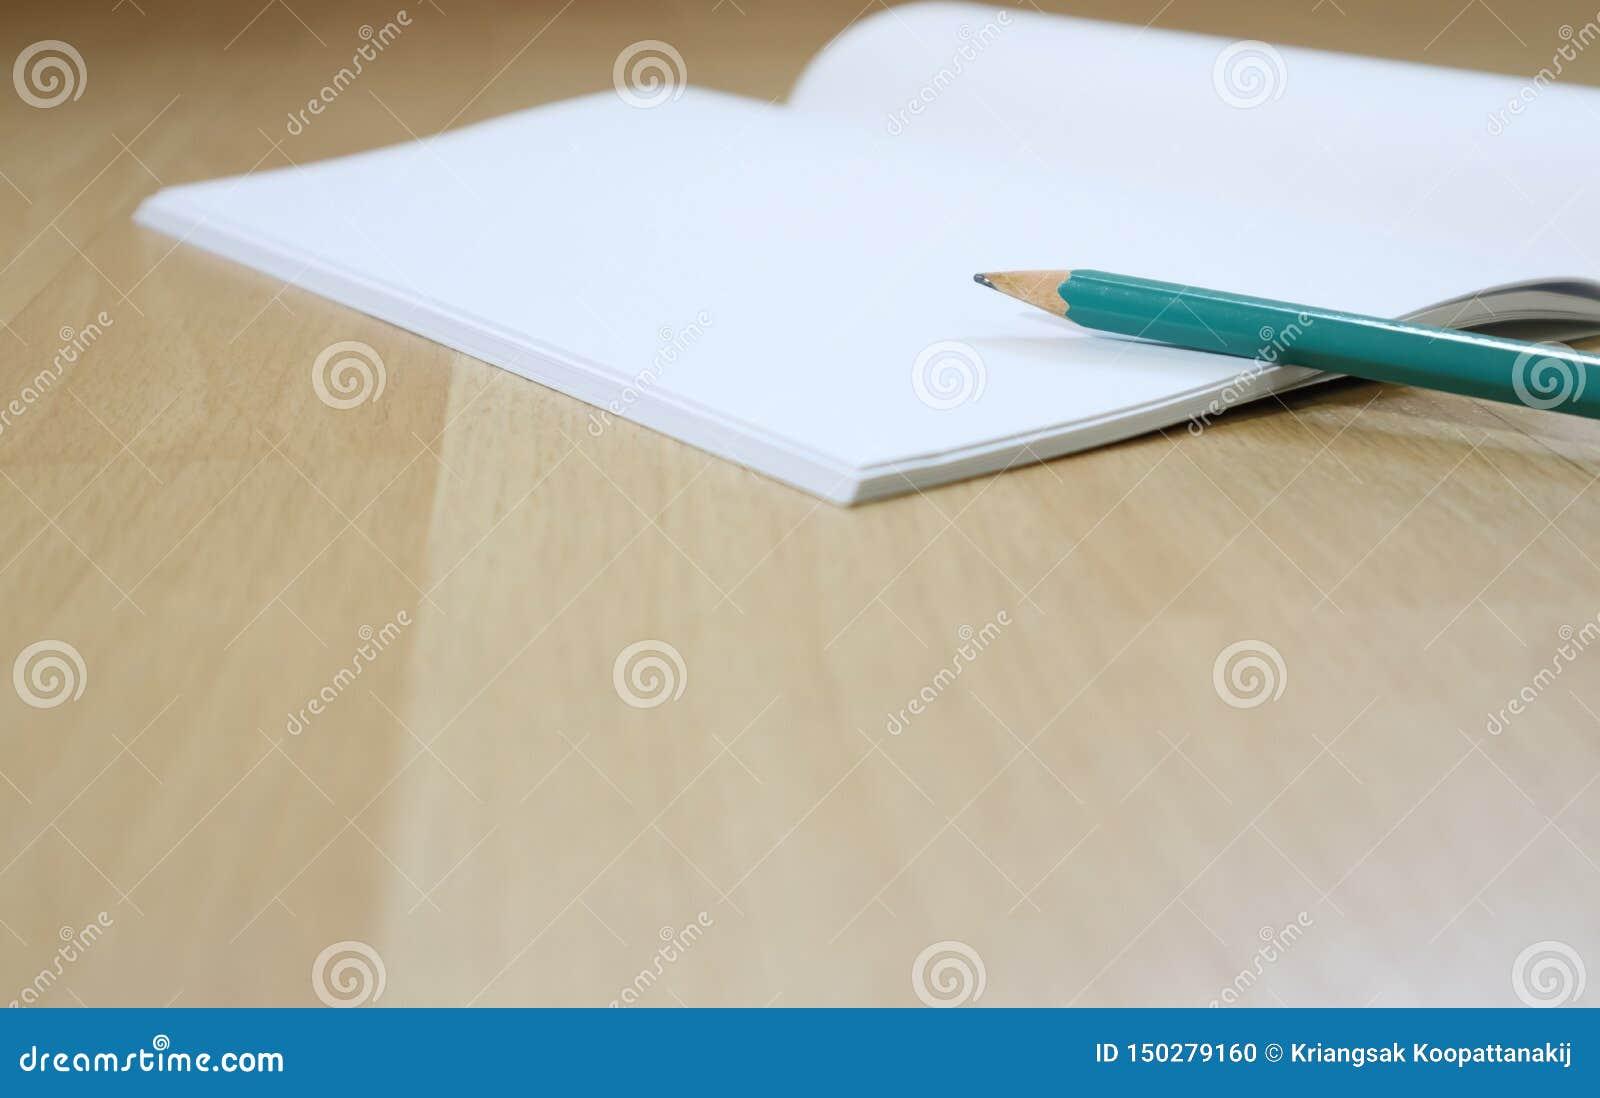 在木地板上的笔记本和笔cil